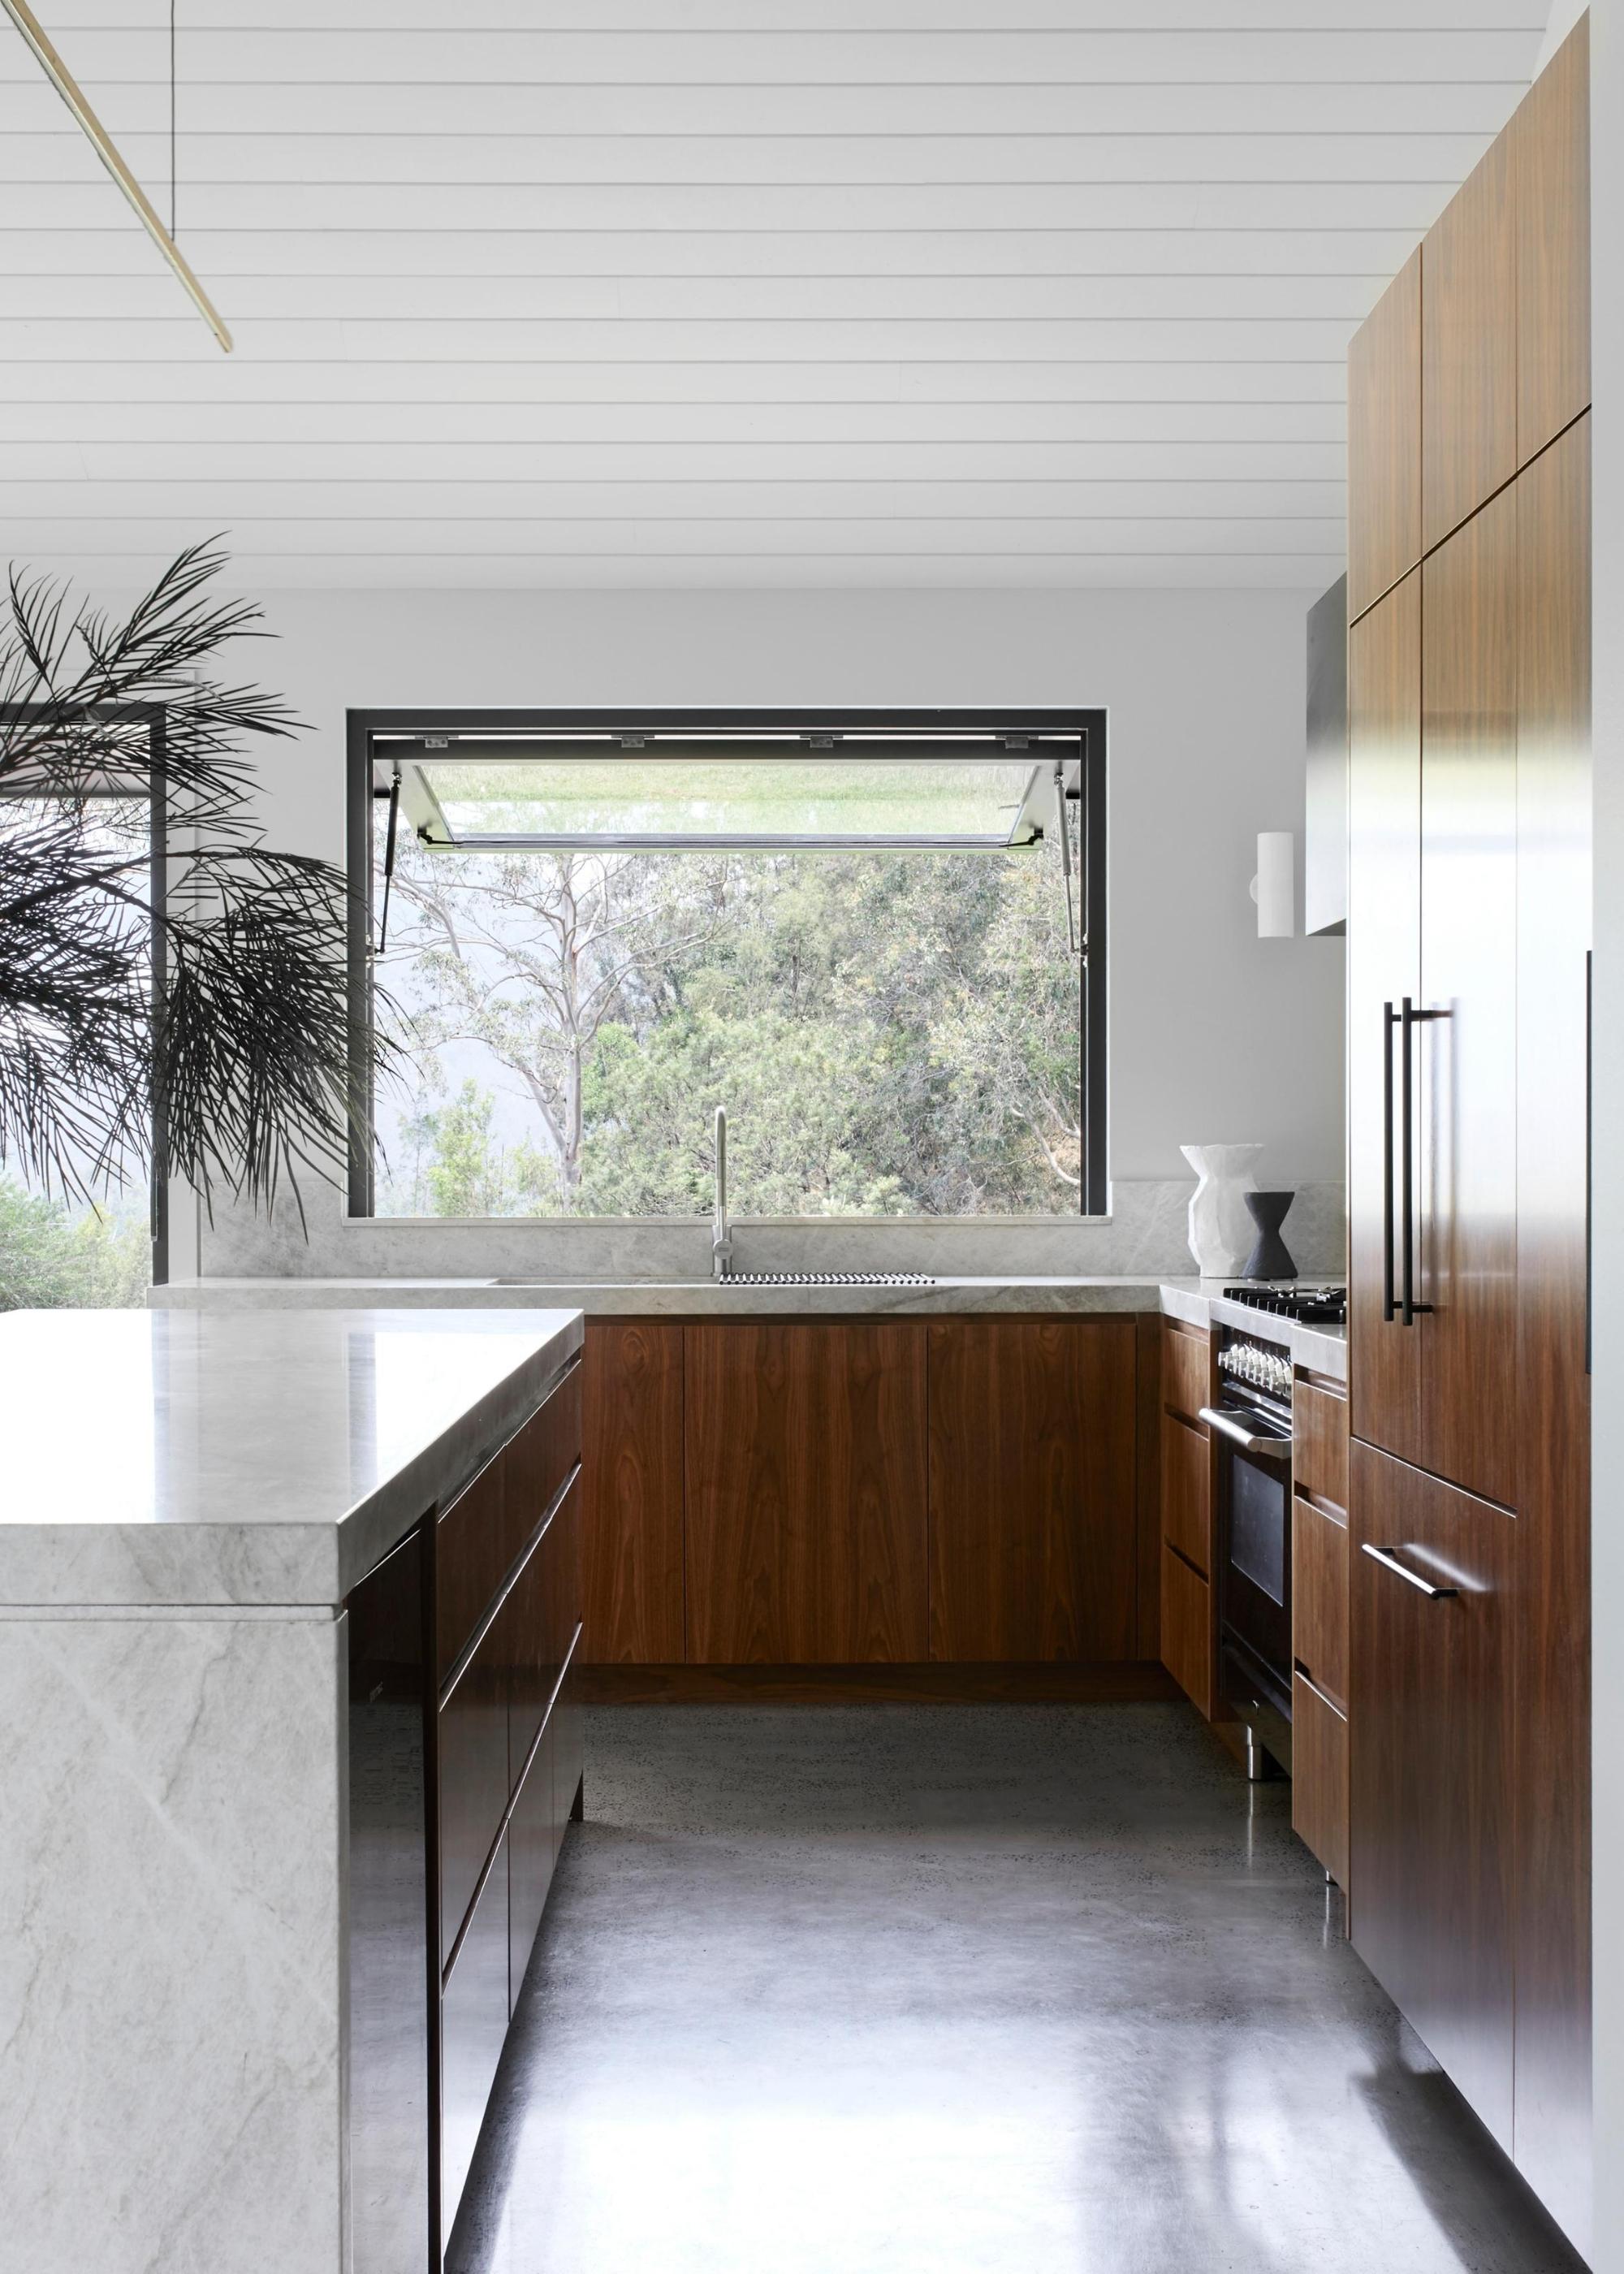 Cocina abierta con cemento pulido y madera